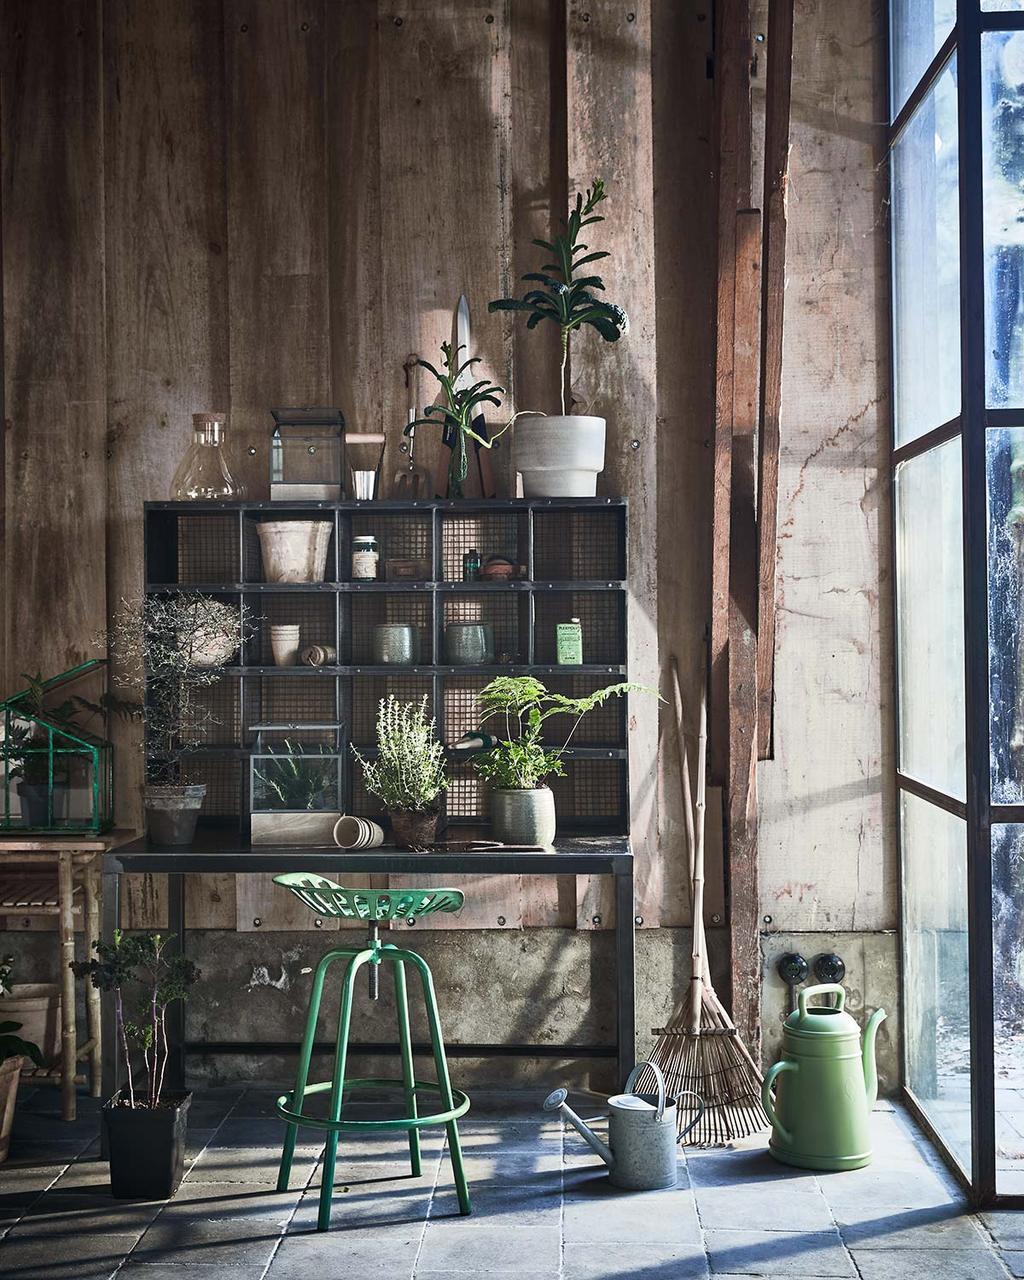 Tuinkamer met metalen vakkenkast voor planten